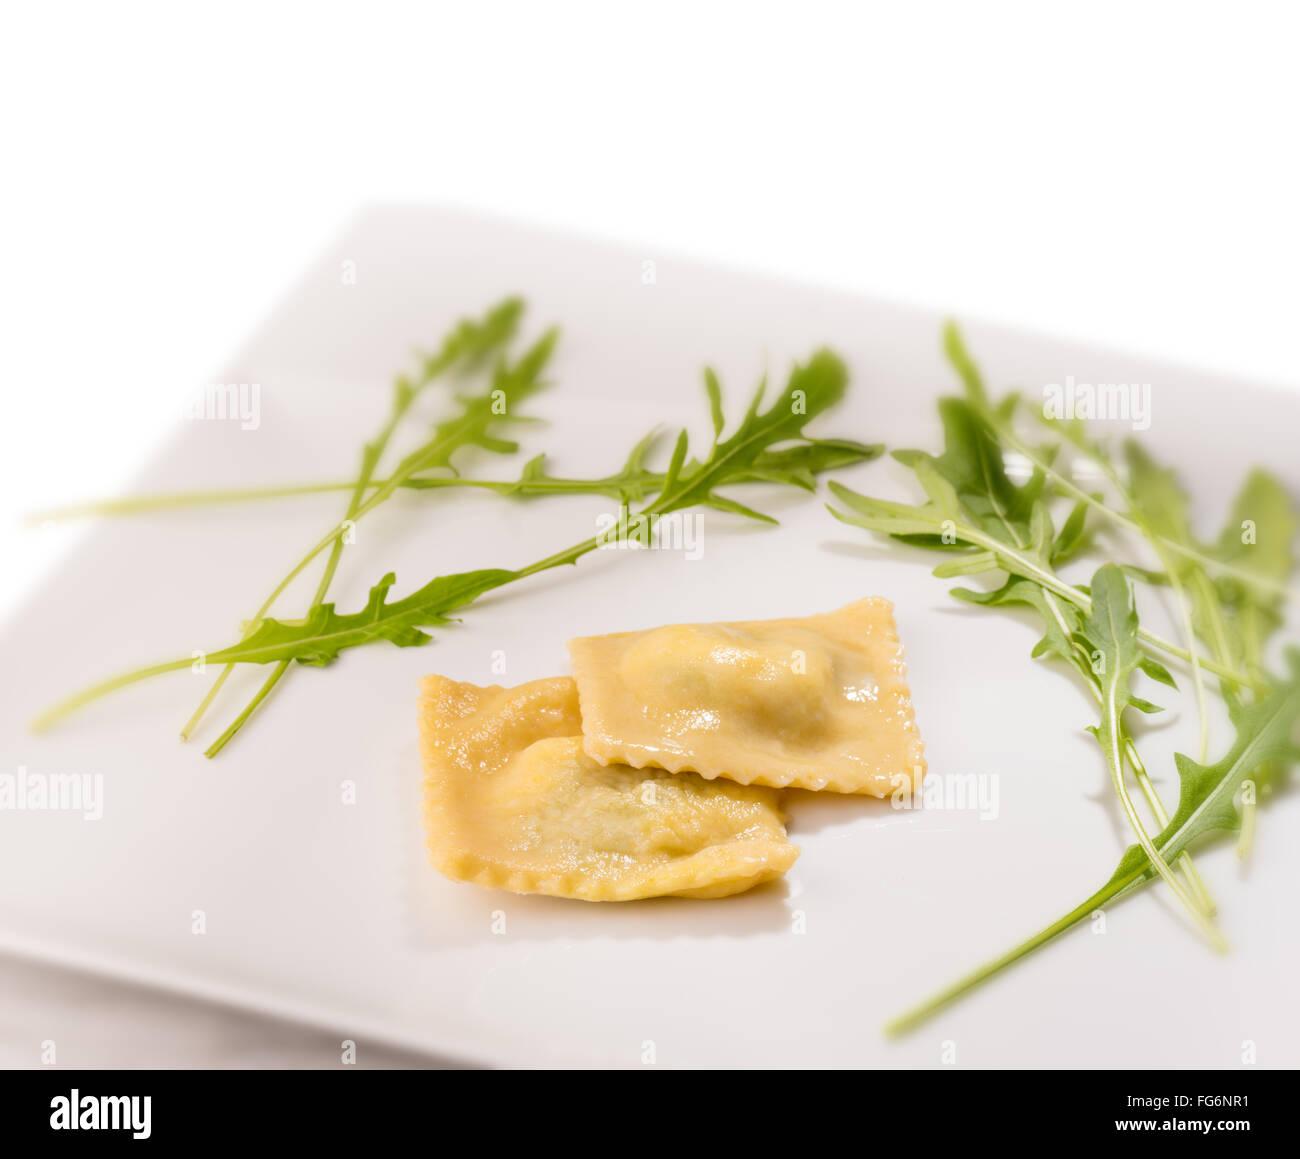 Fait à la main des pâtes raviolis Épinards Ricotta Cuisine Main cuite pâte Ravioli de timbres Photo Stock